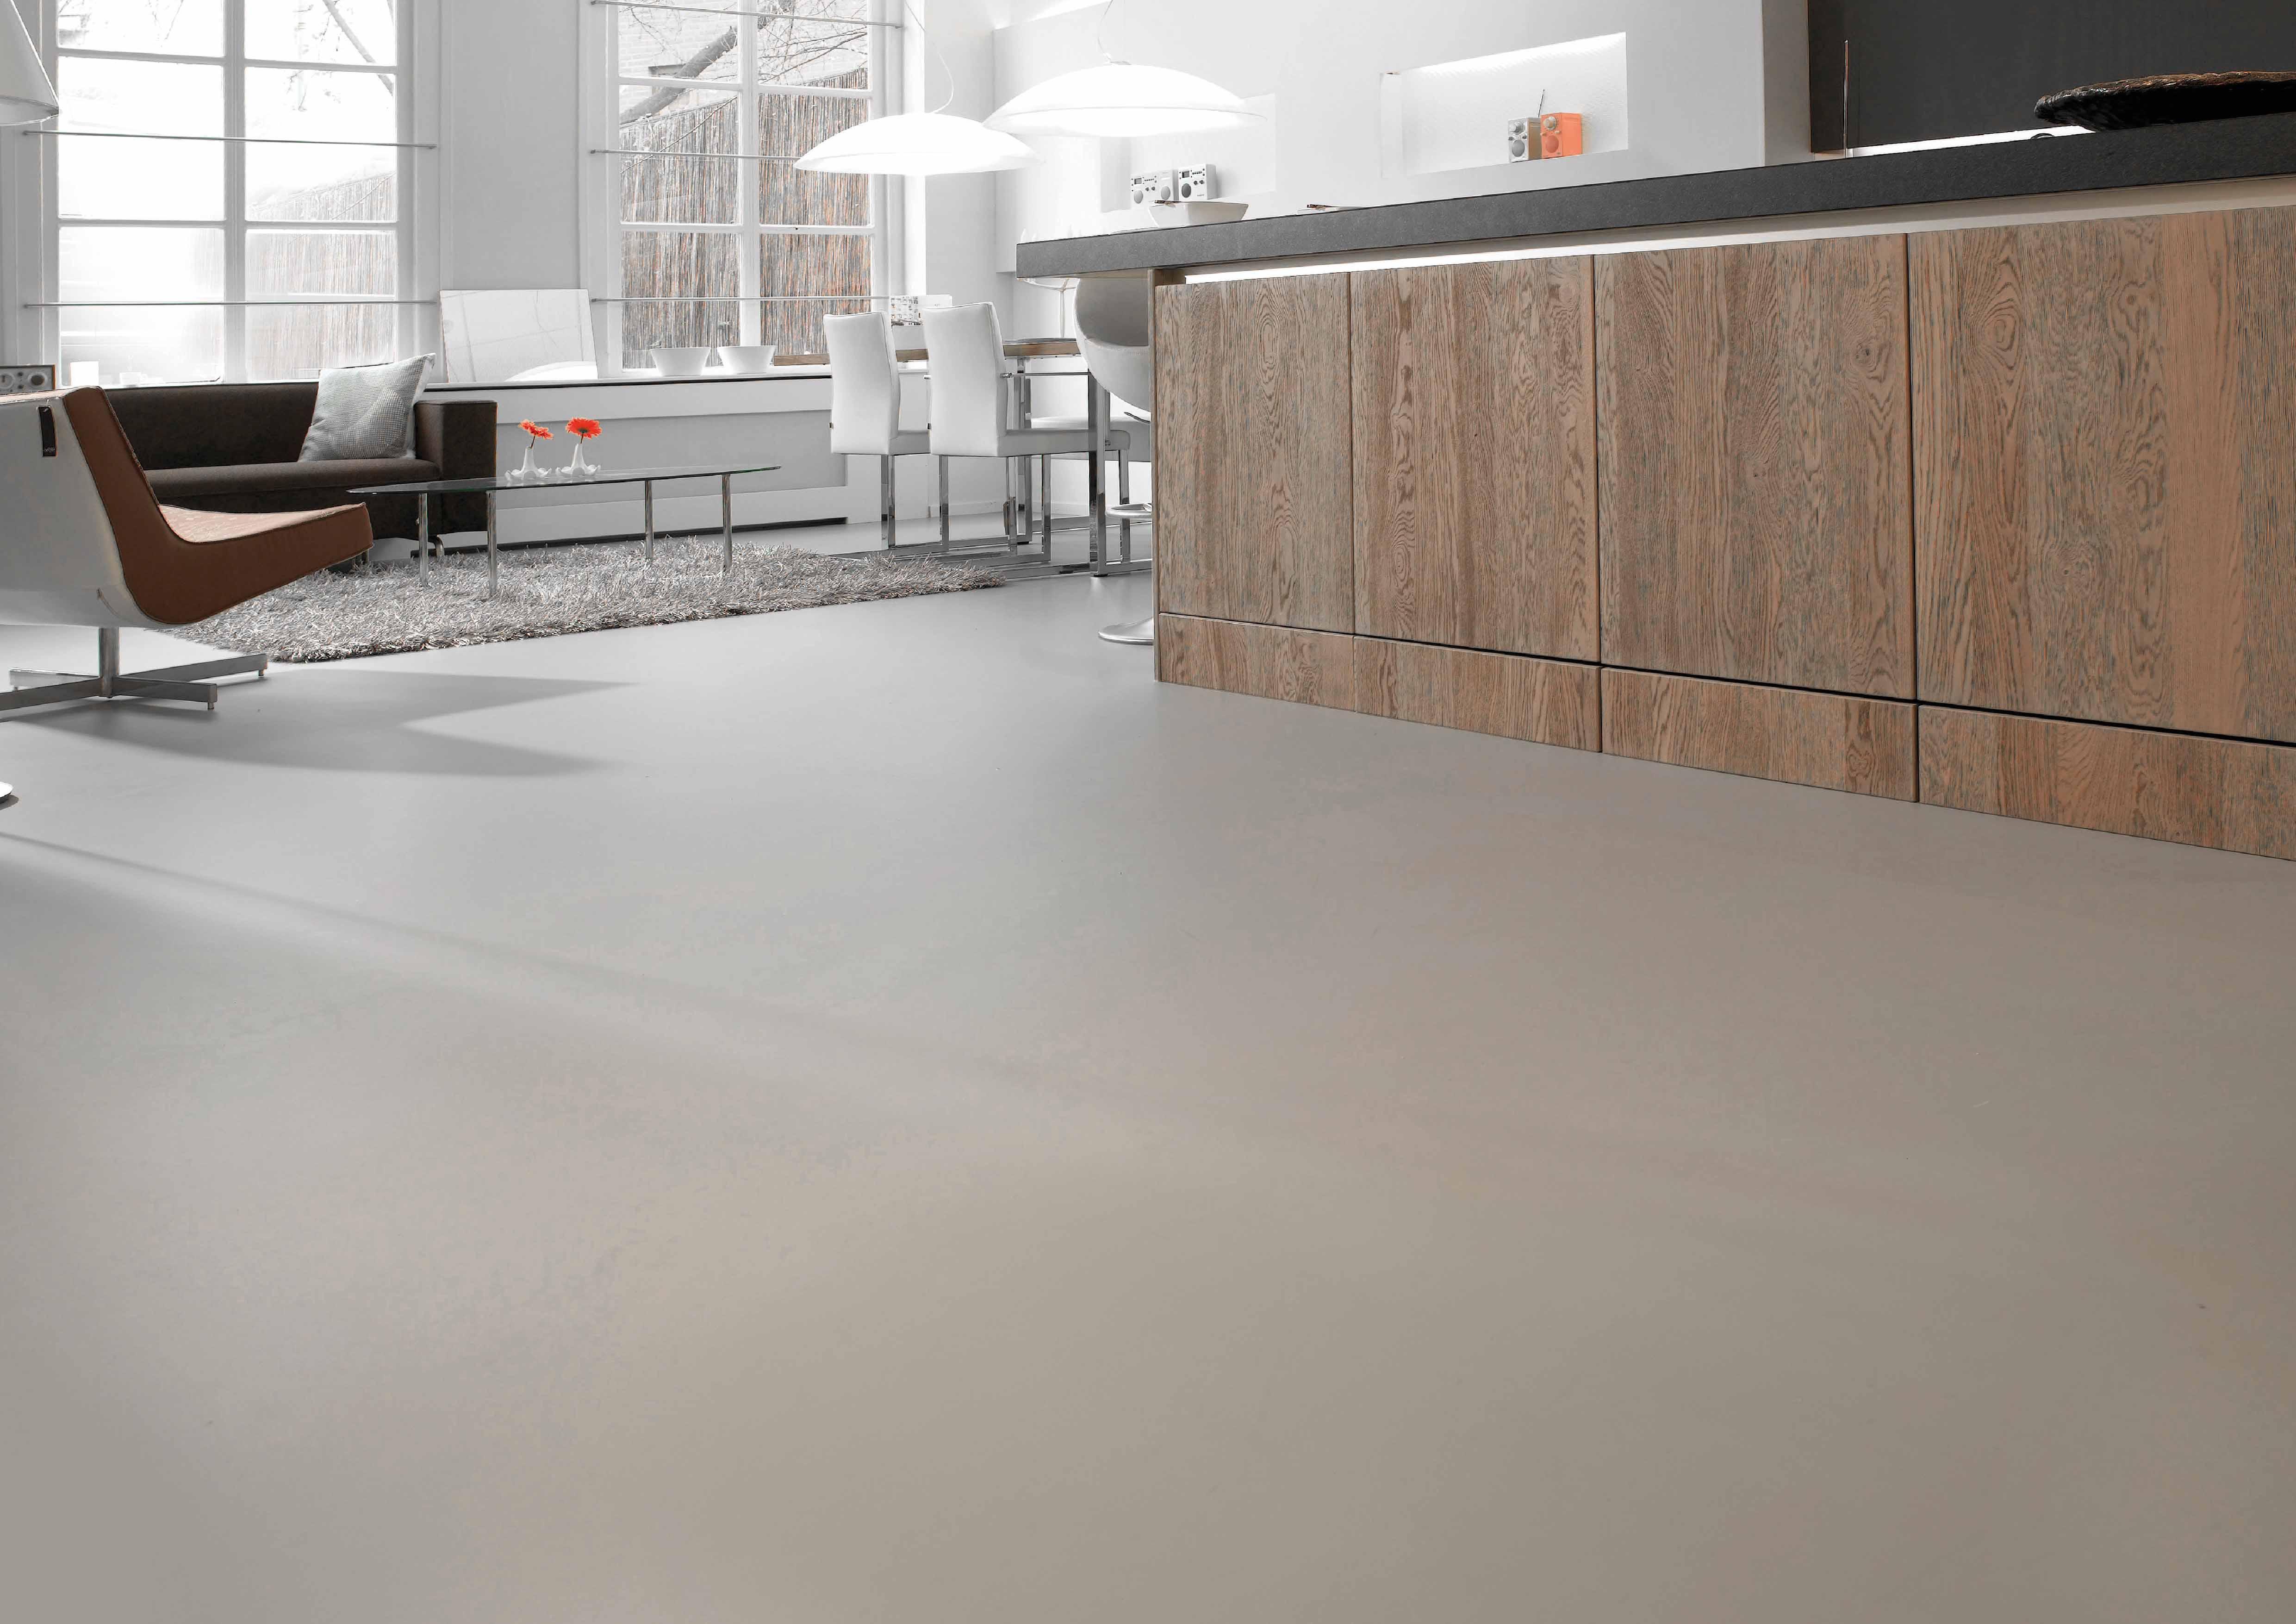 Bodenbeschichtung für Haus & Wohnungsböden   Epoxid Floor ...